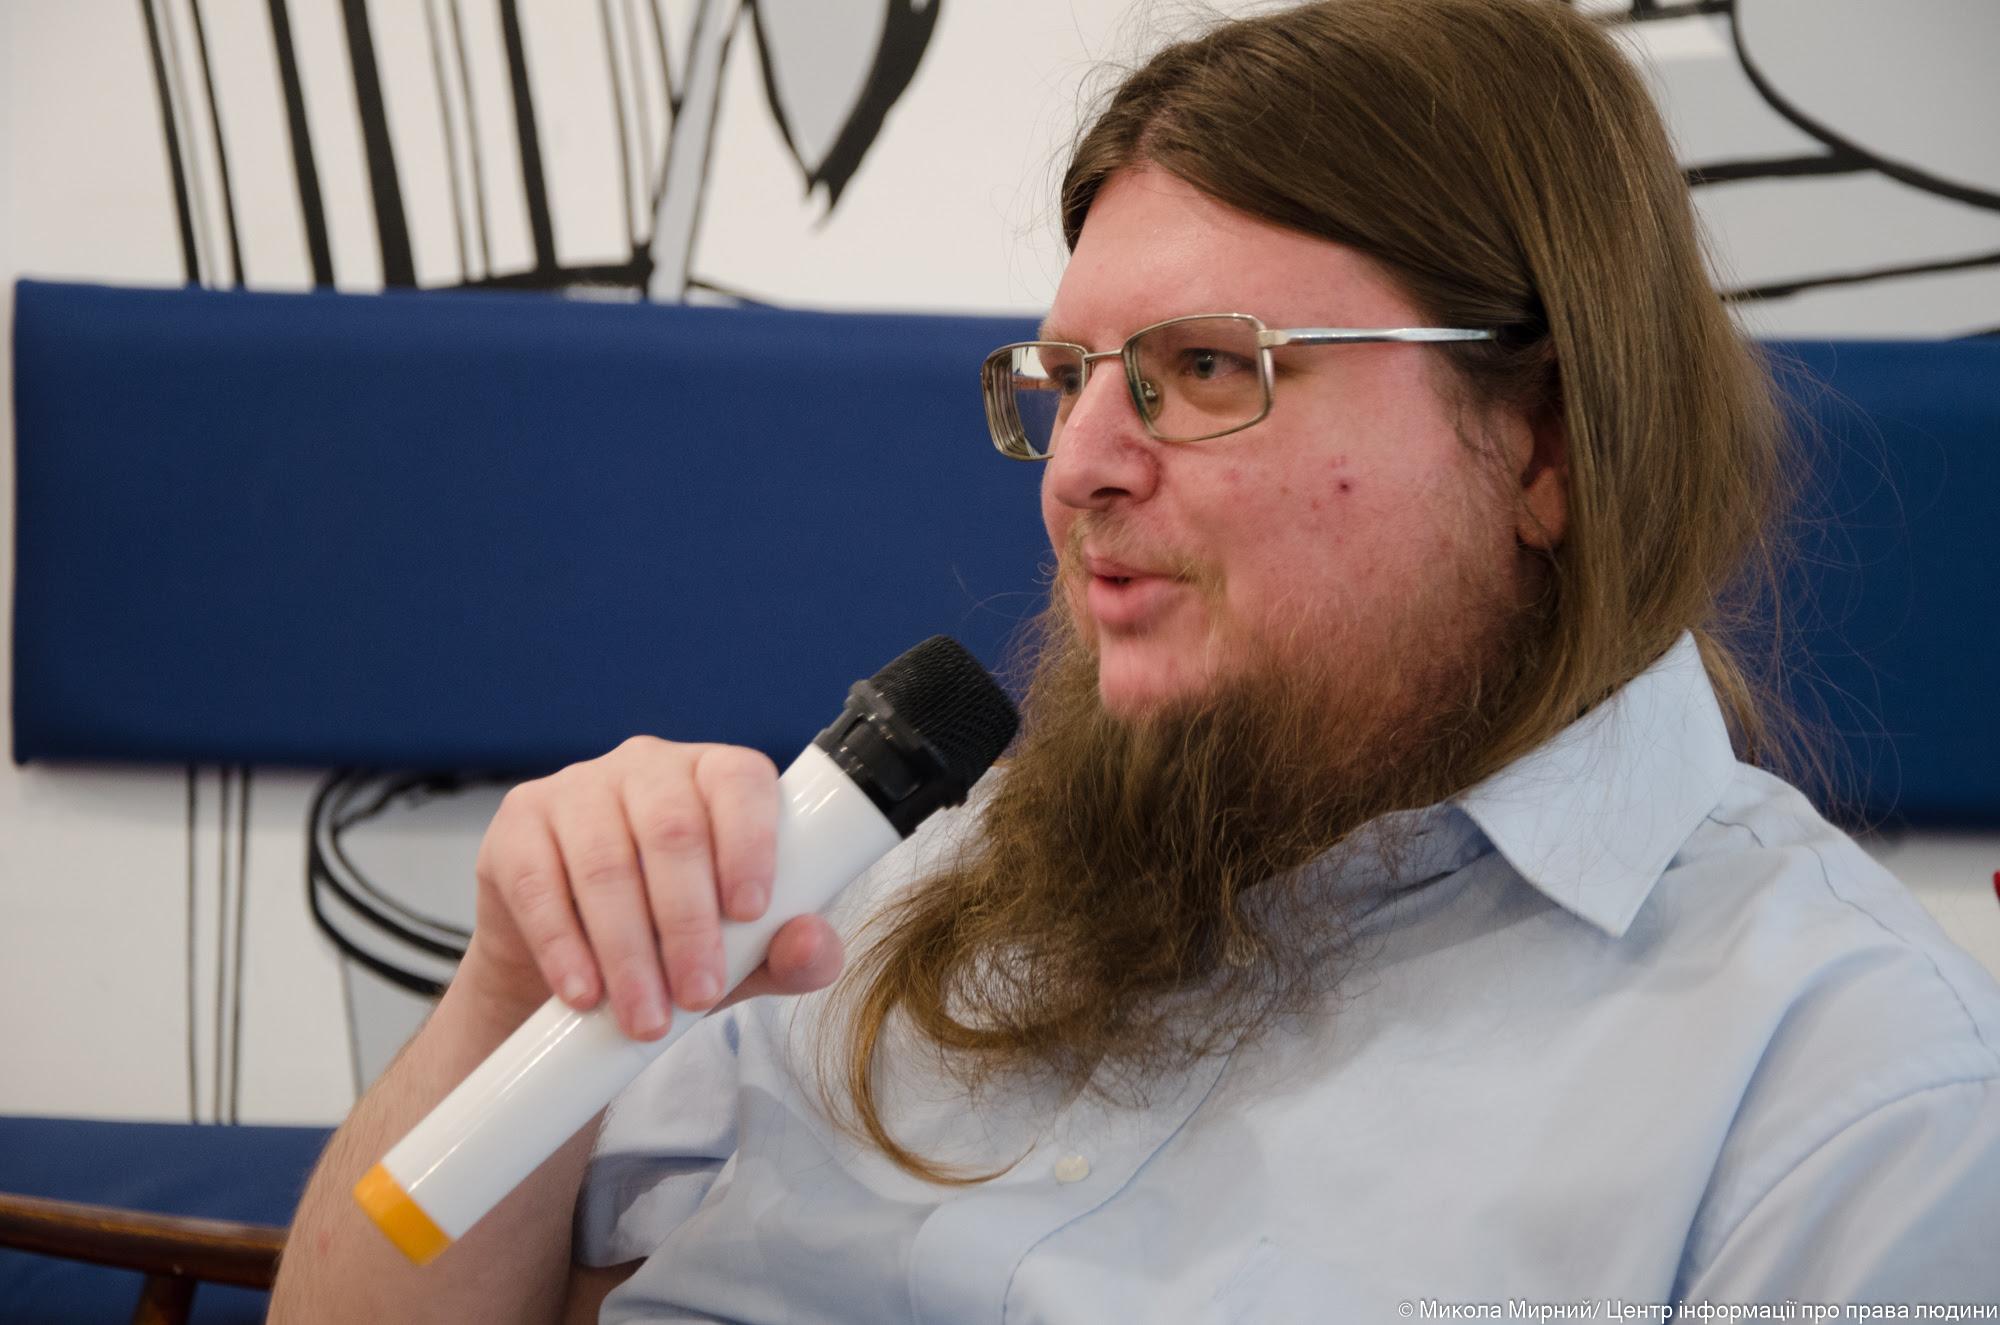 Голова Української ради вільнодумців і віруючих назвав дискримінаційною заборону залучати священиків Московського Патріархату до капеланської служби